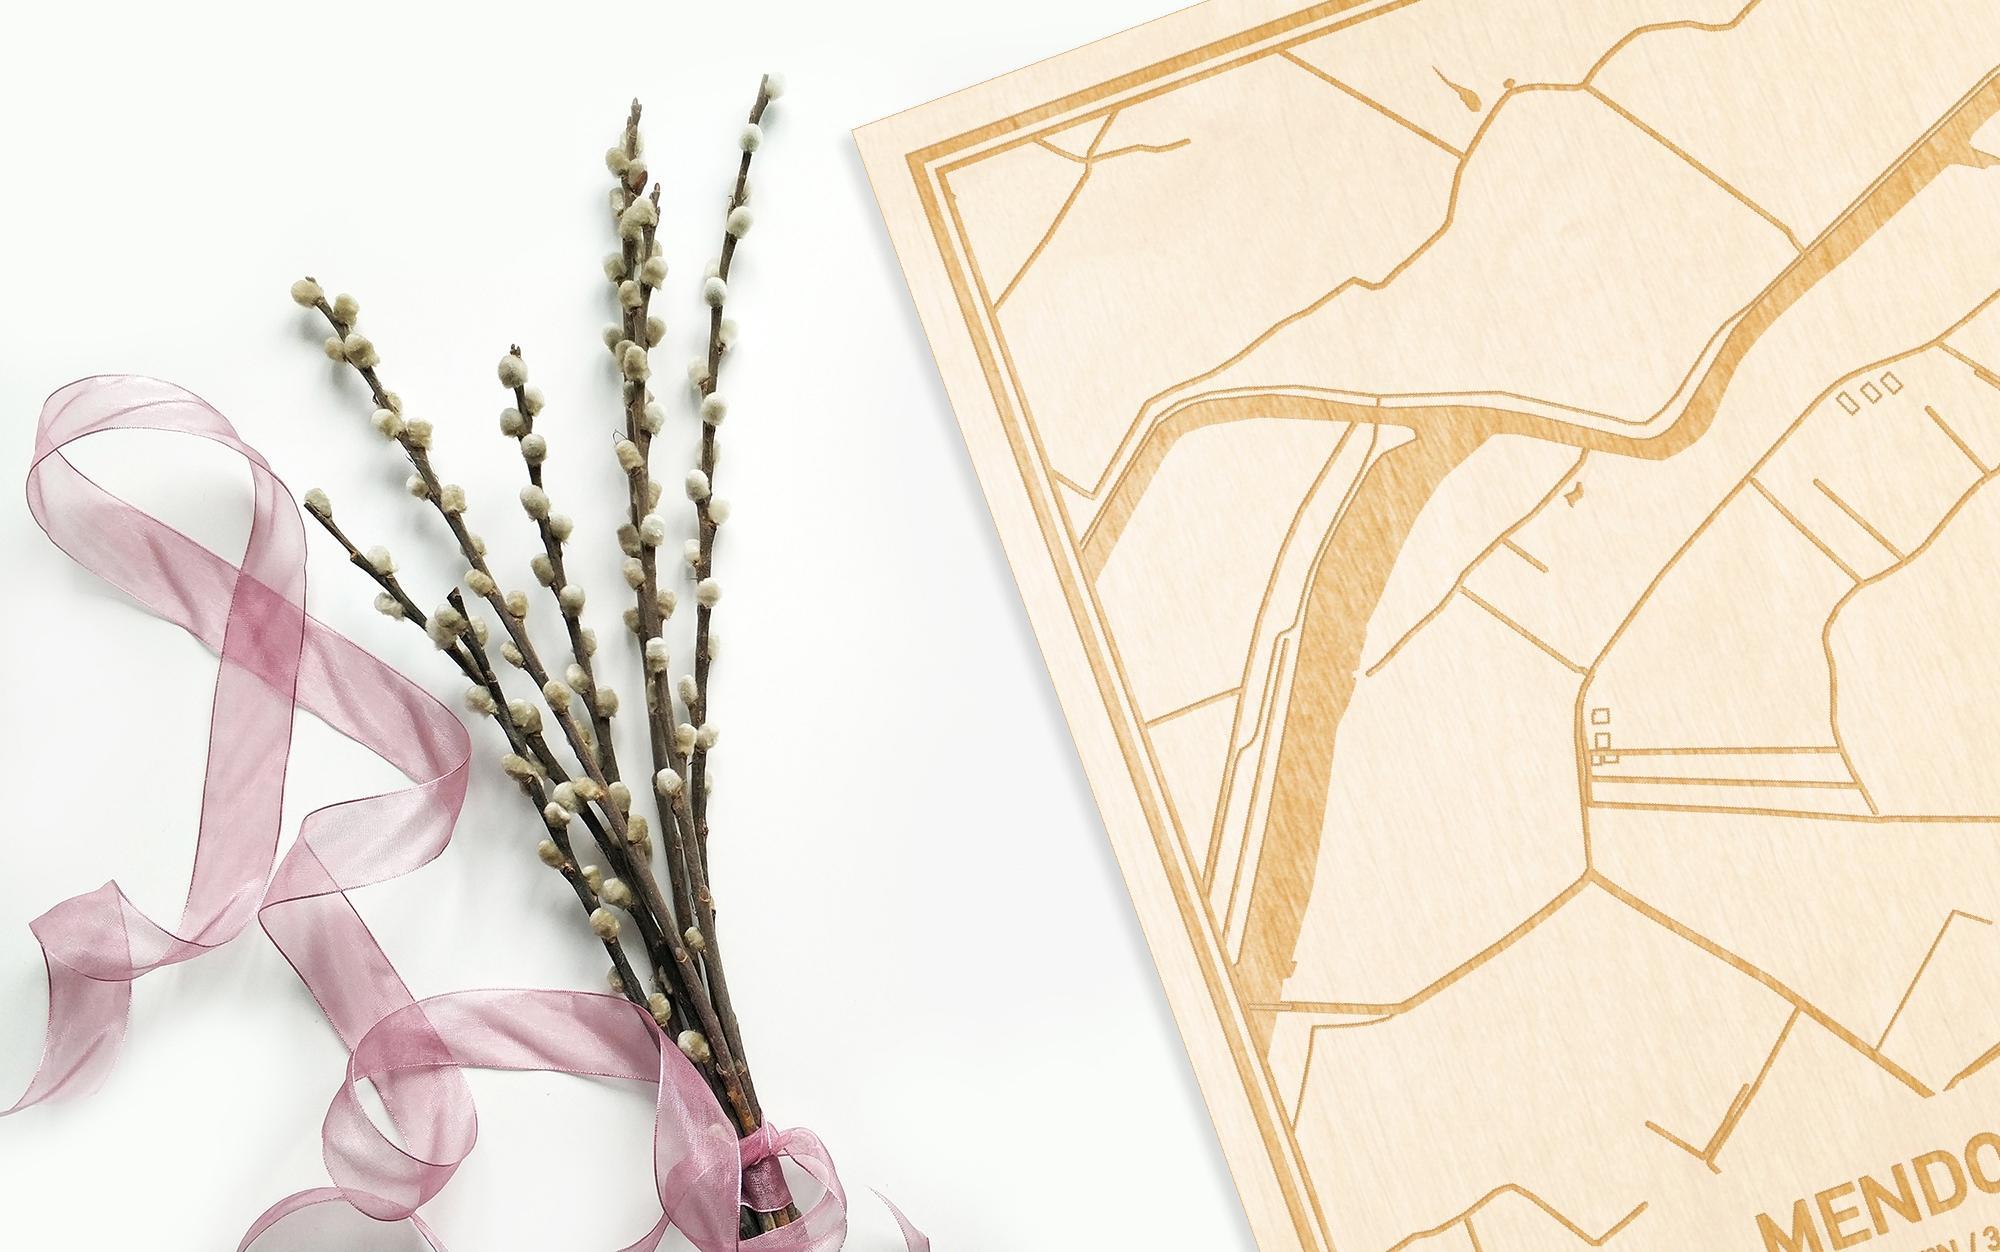 Hier ligt de houten plattegrond Mendonk naast een bloemetje als gepersonaliseerd cadeau voor haar.